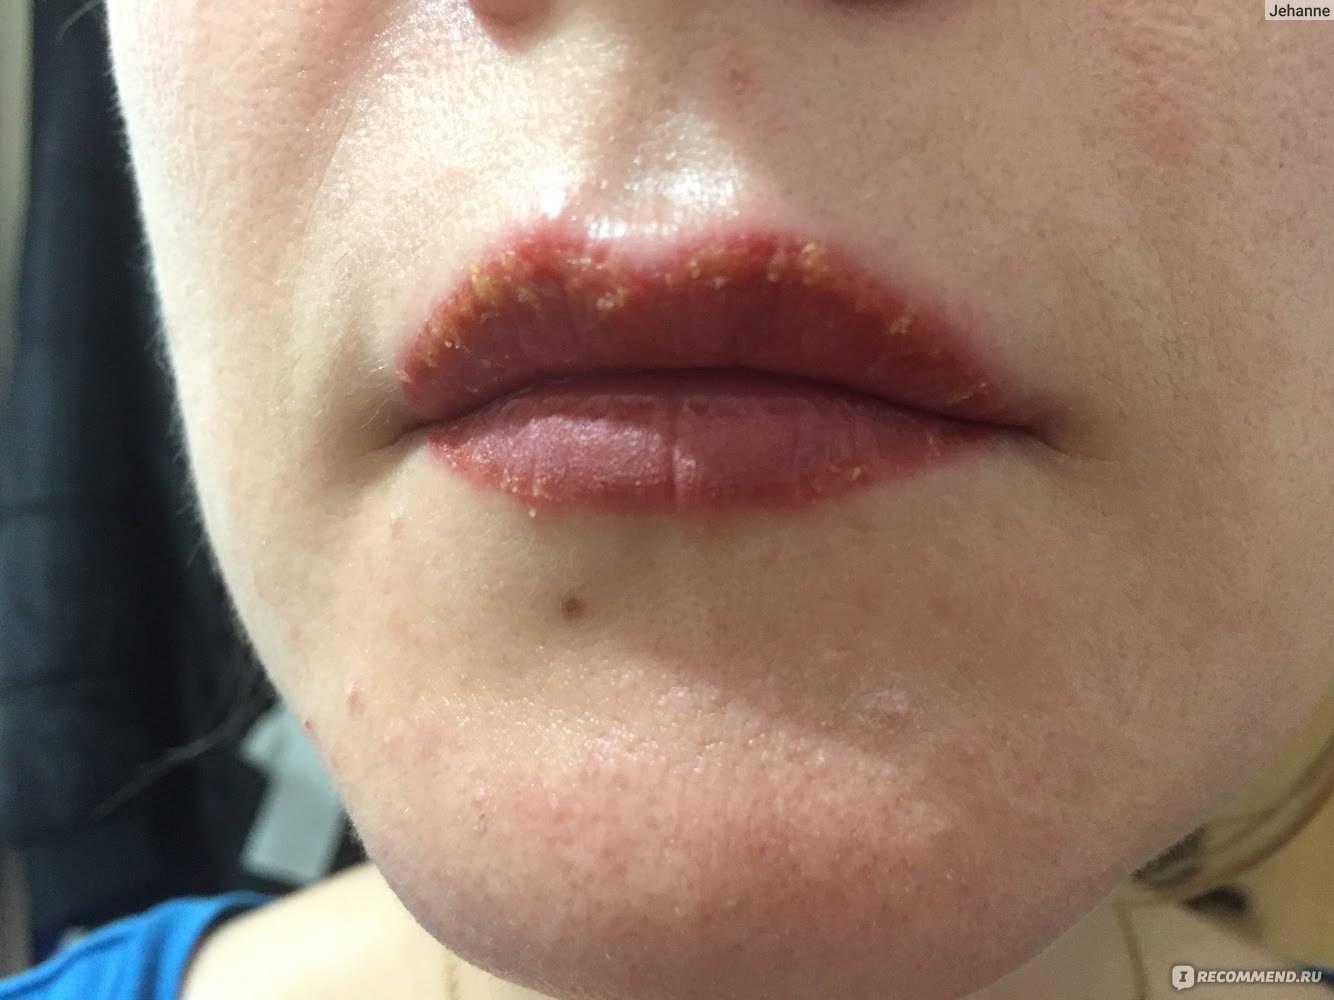 Появление пятен на губах после герпеса – лечение